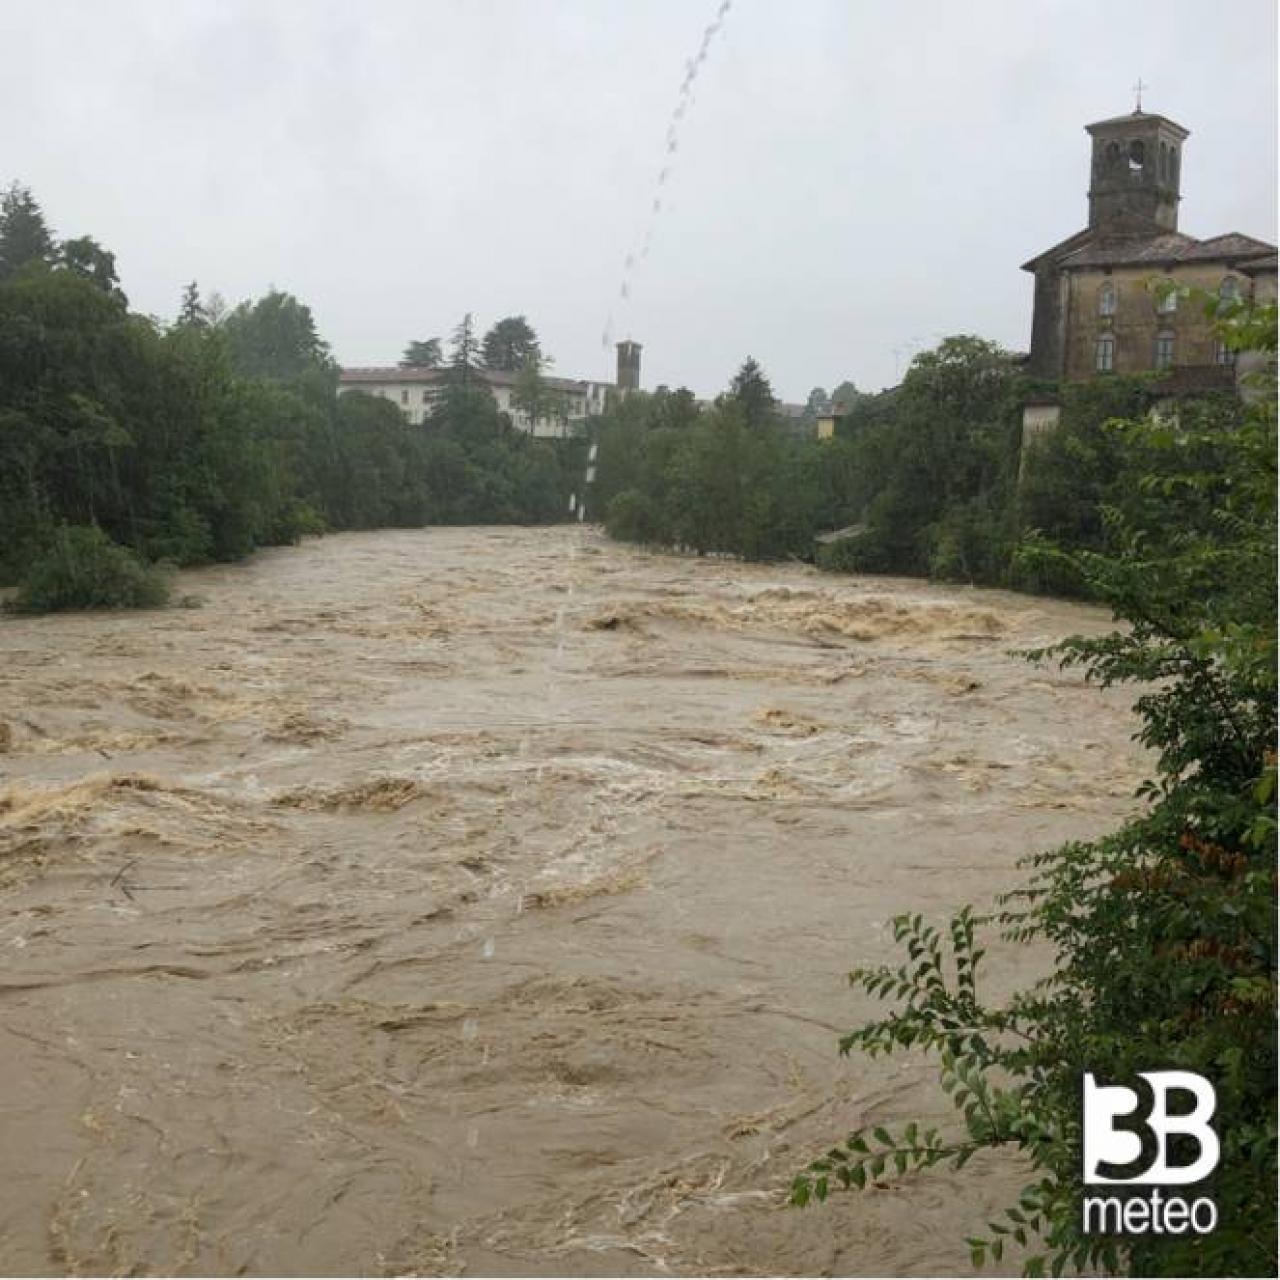 Fiumi in piena ed esondazioni ieri nel Friuli VG